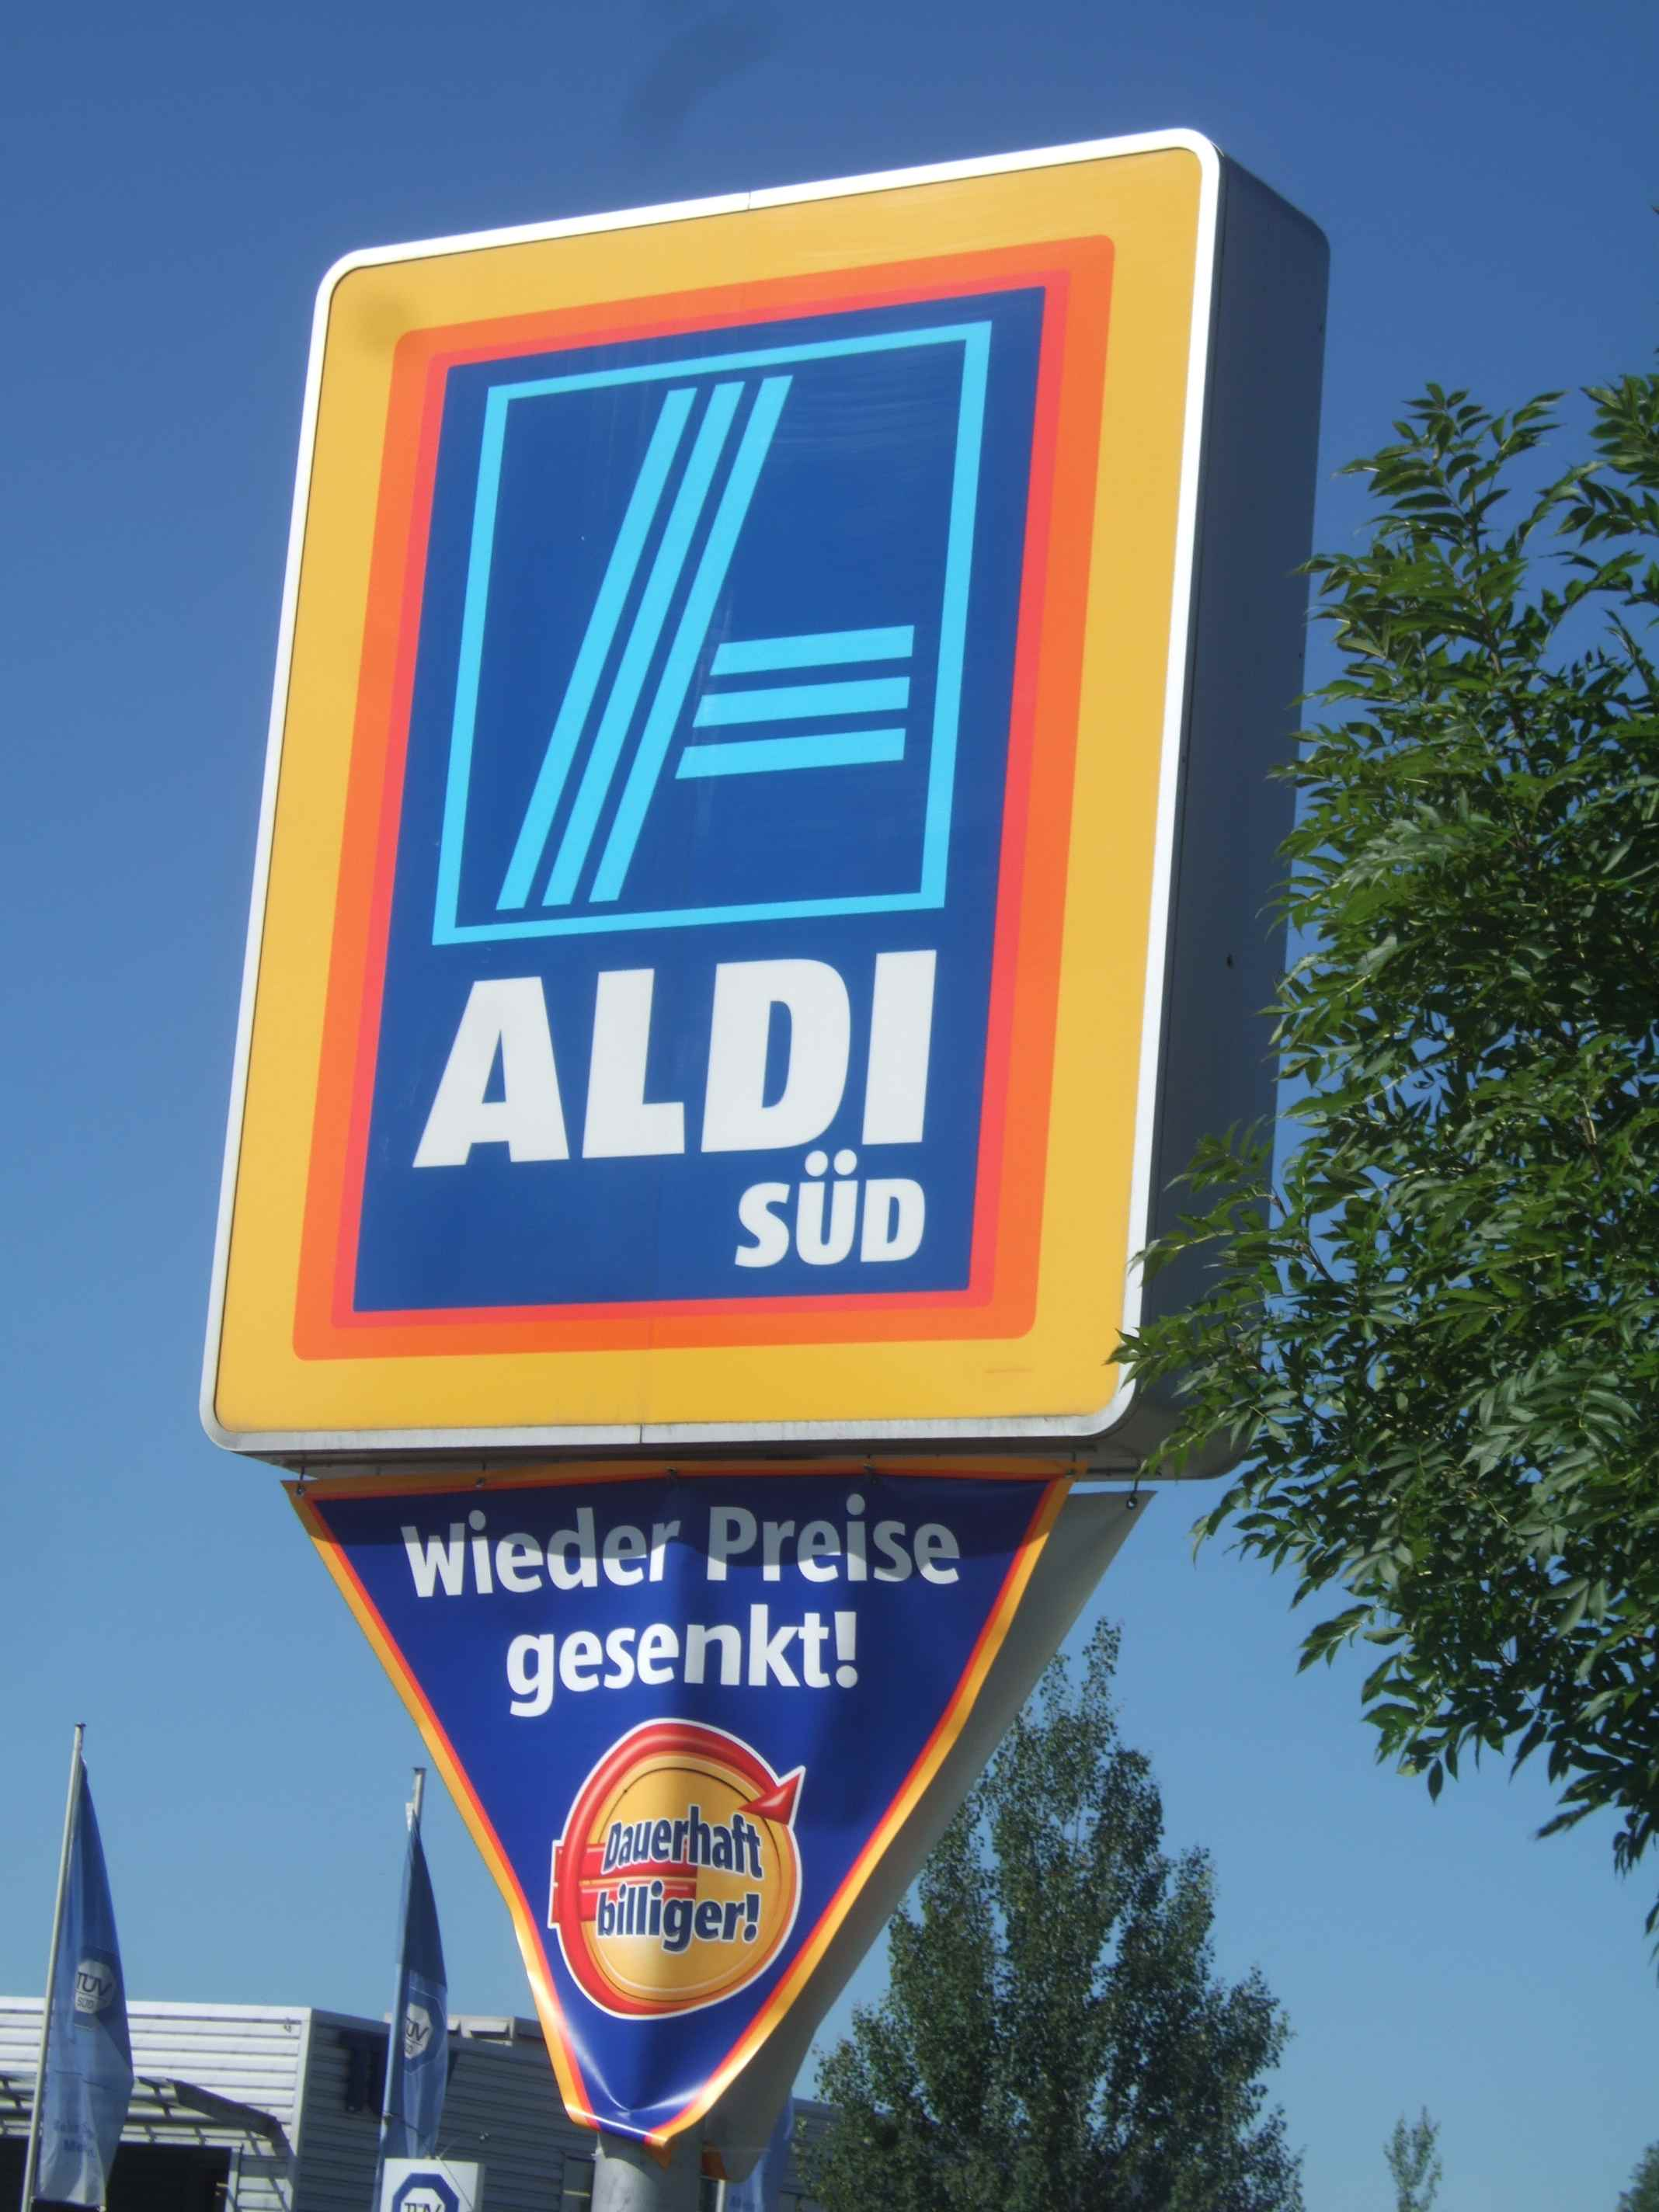 Aldi_Su__d_Peter_von_Bechen_pixelio.de